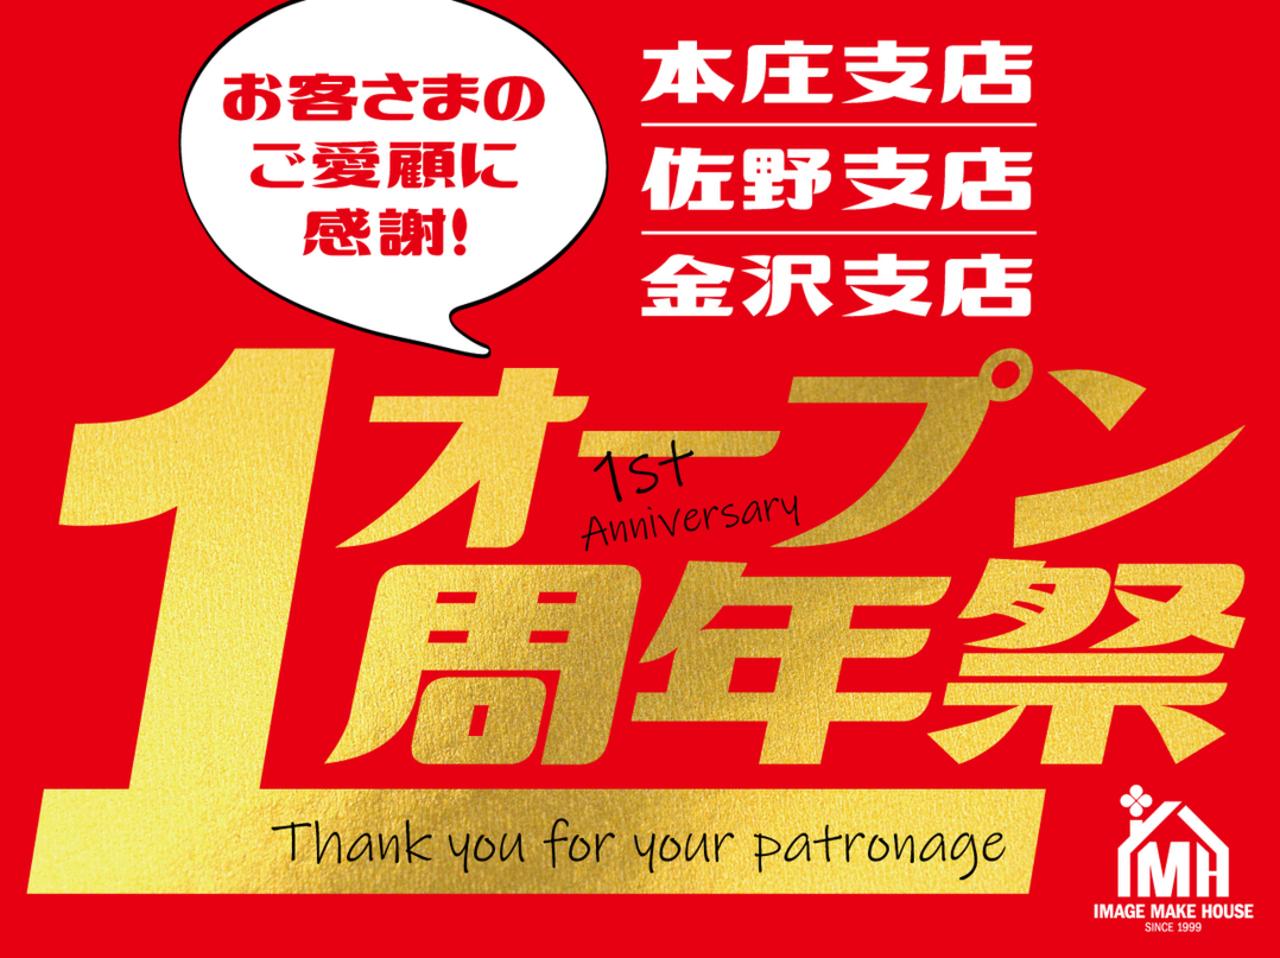 【お客さまのご愛顧に感謝!】オープン1周年祭